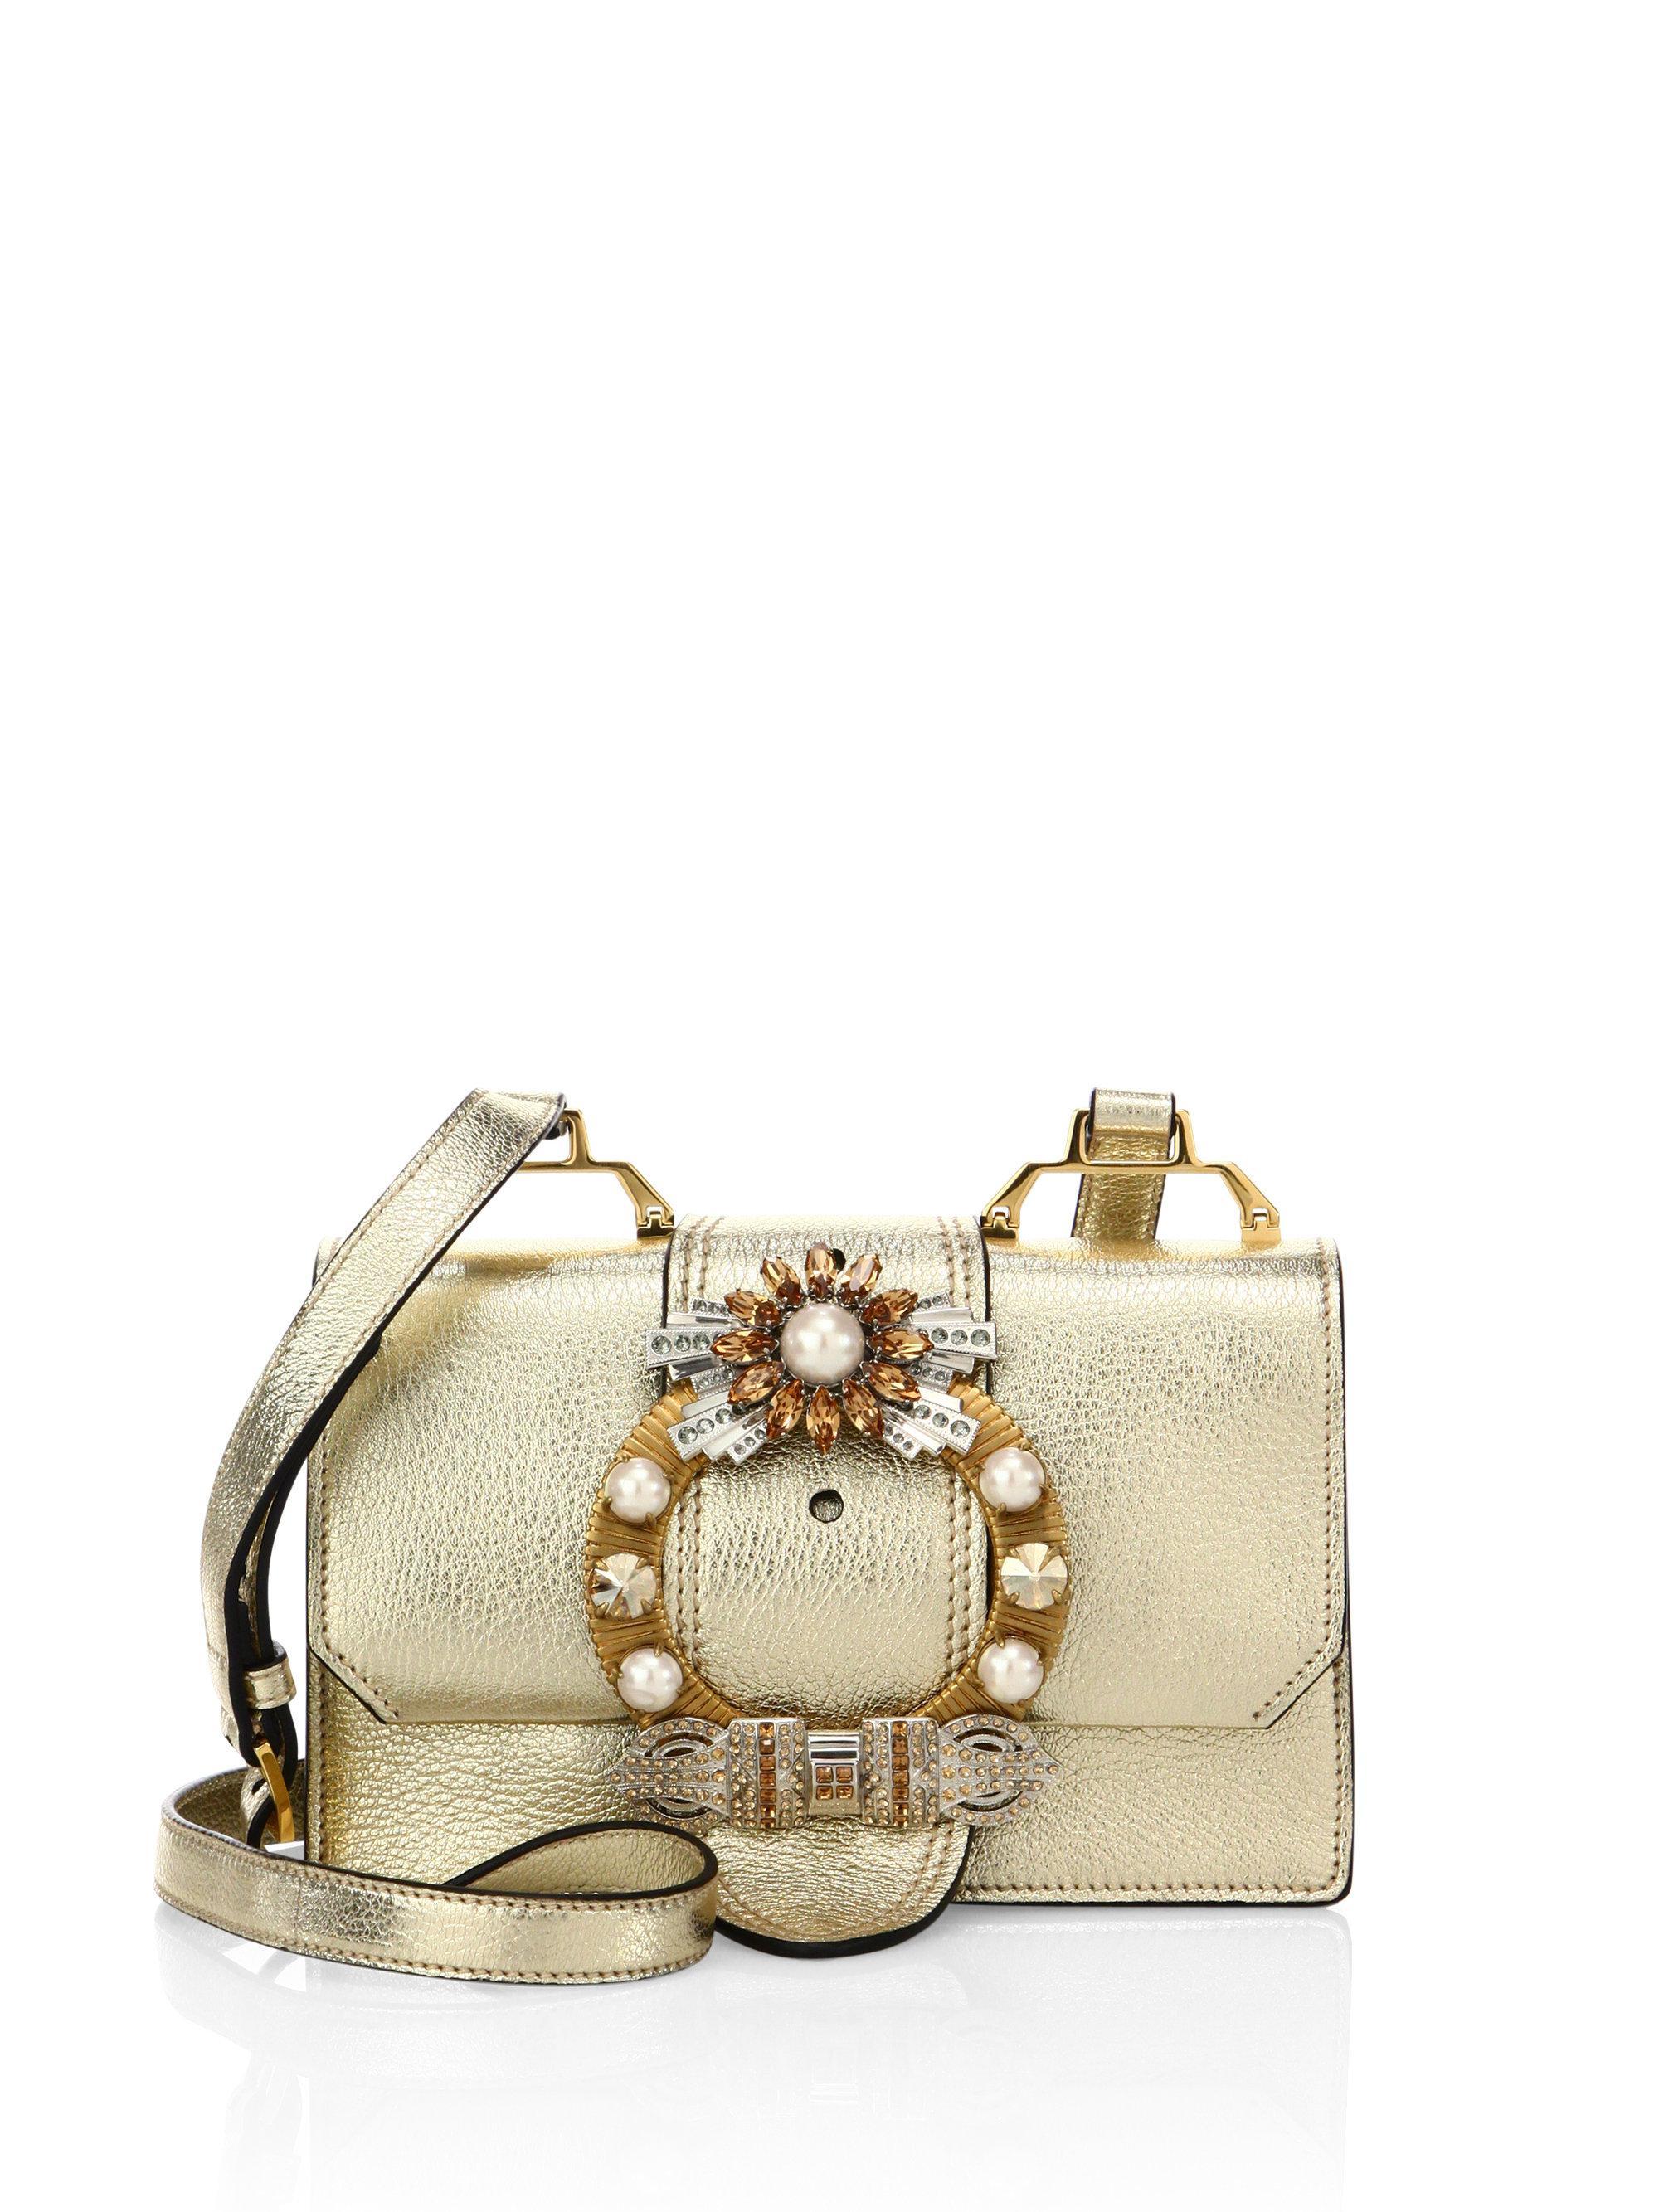 embellished metallic shoulder bag Miu Miu oqiIl6il8r